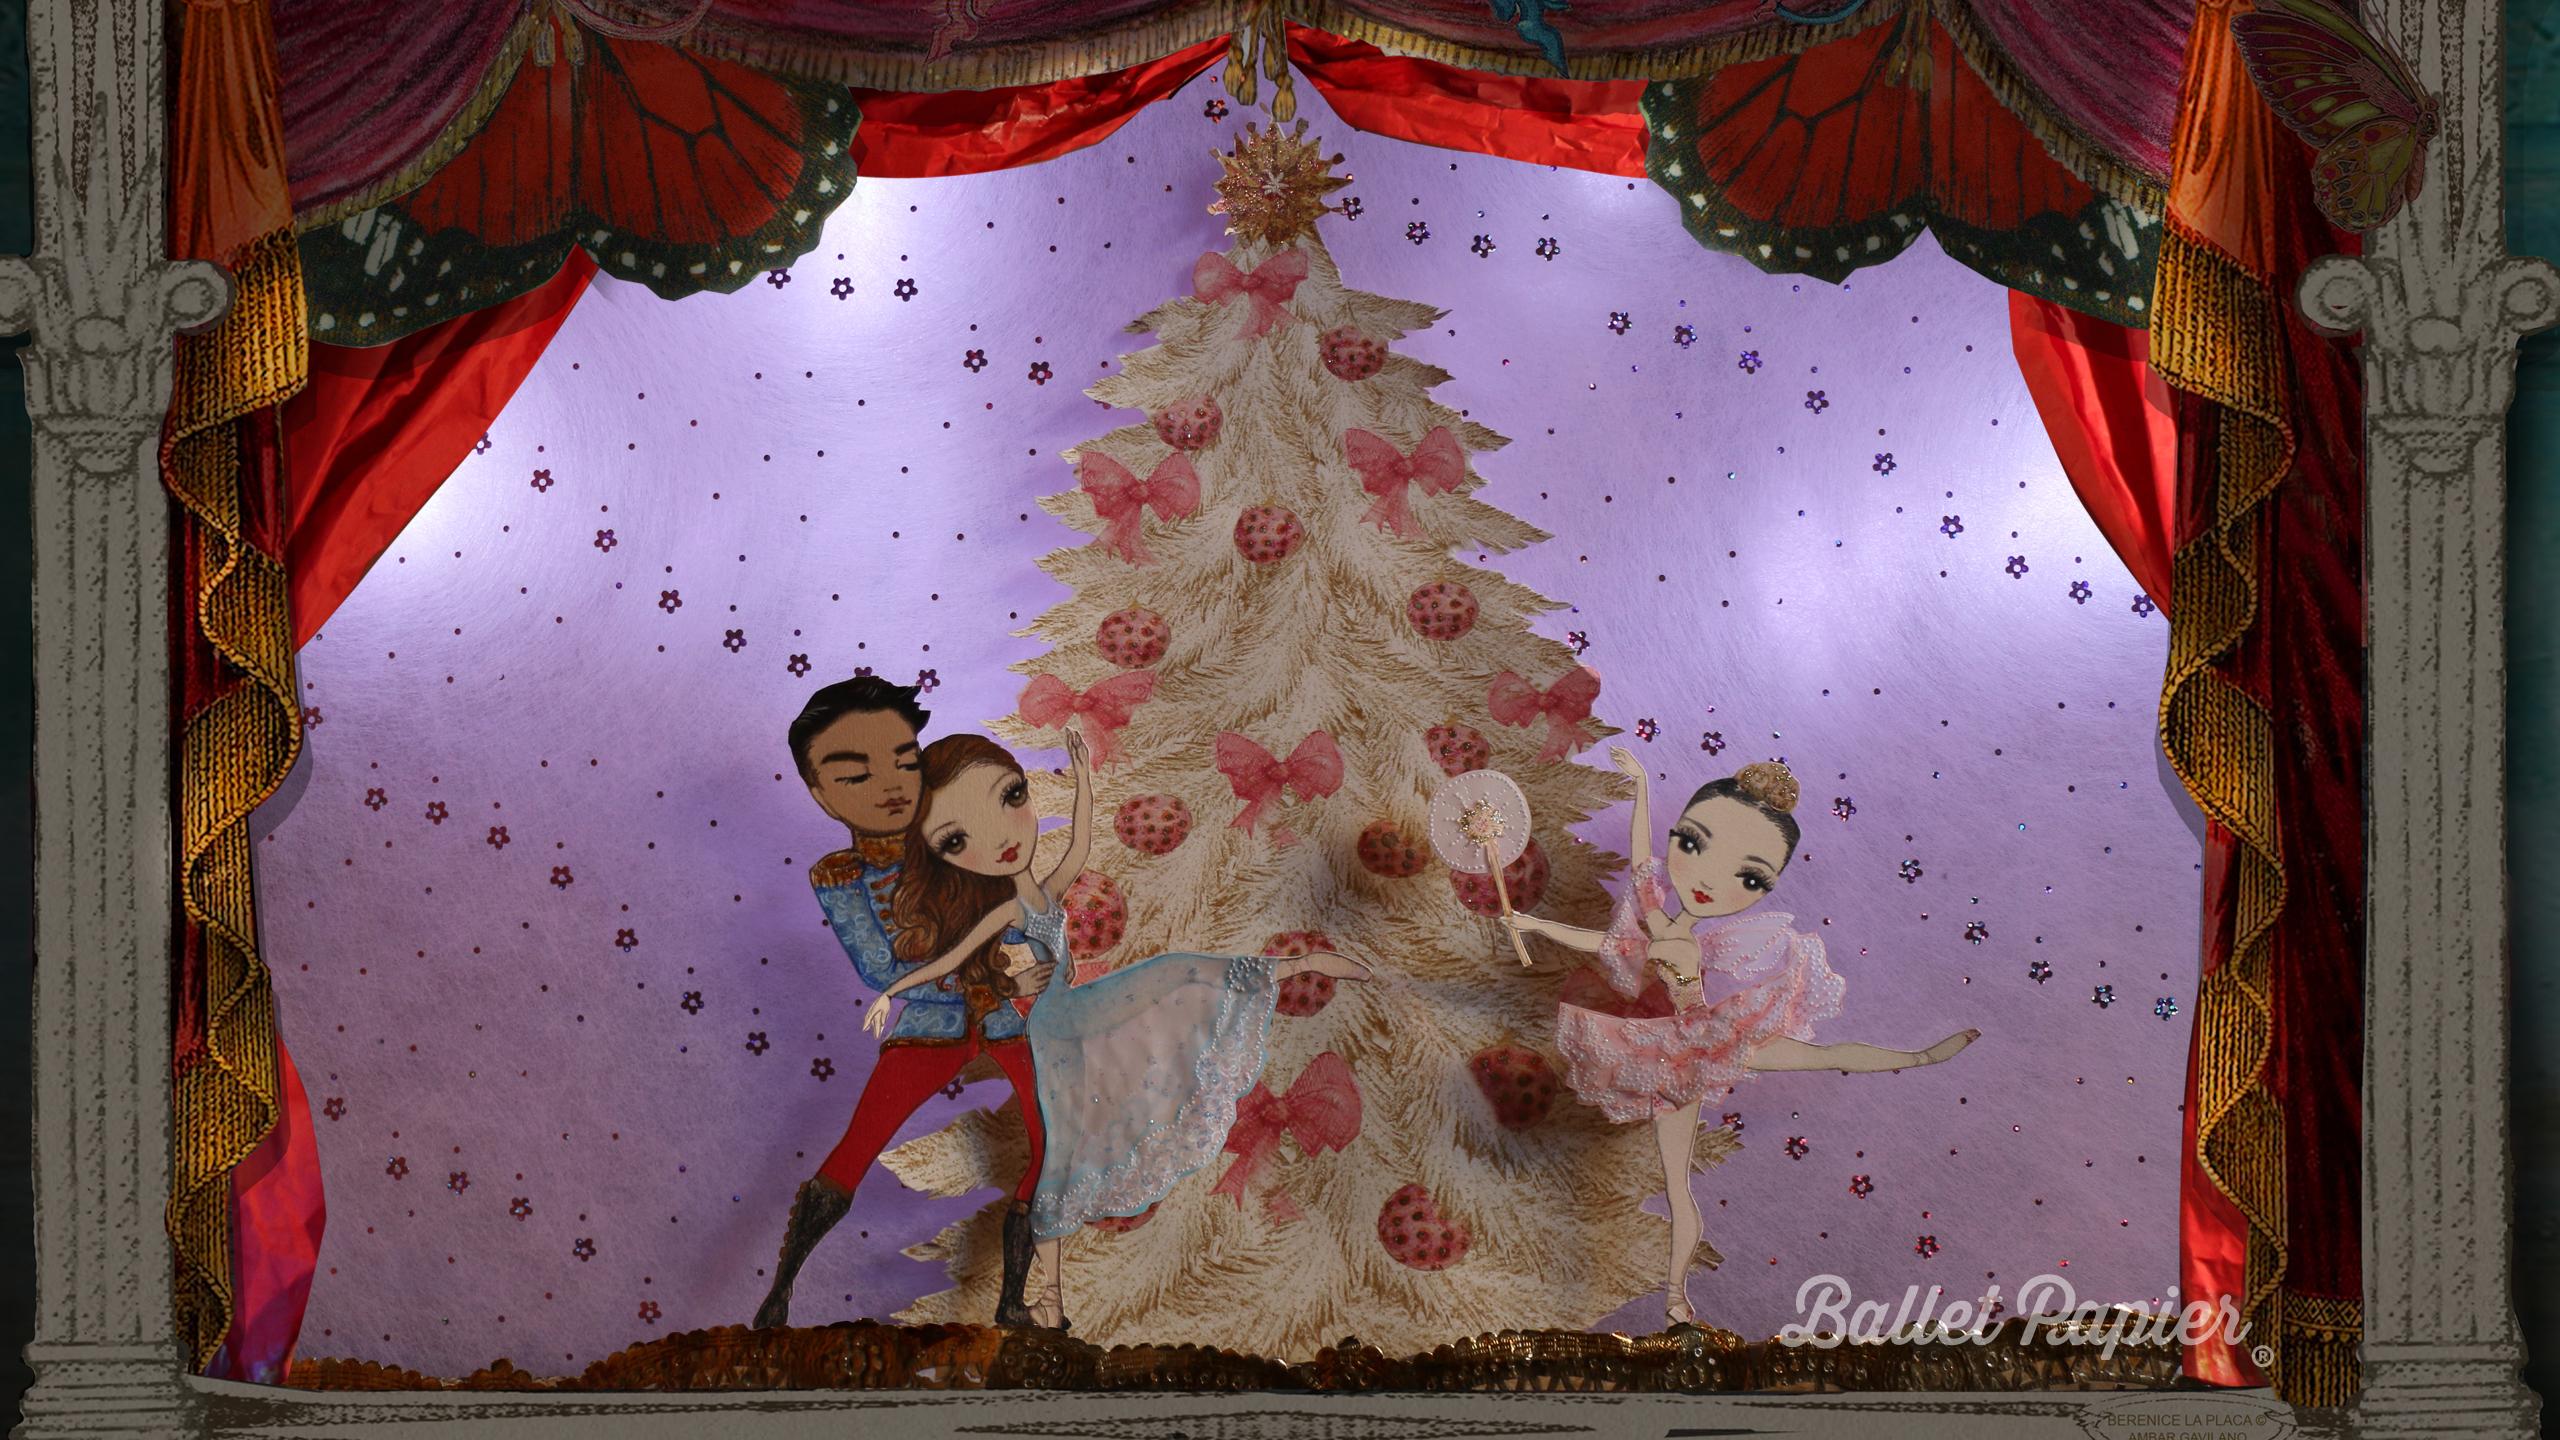 Christmas. Ballet Papier Nutcracker pas de deux finale